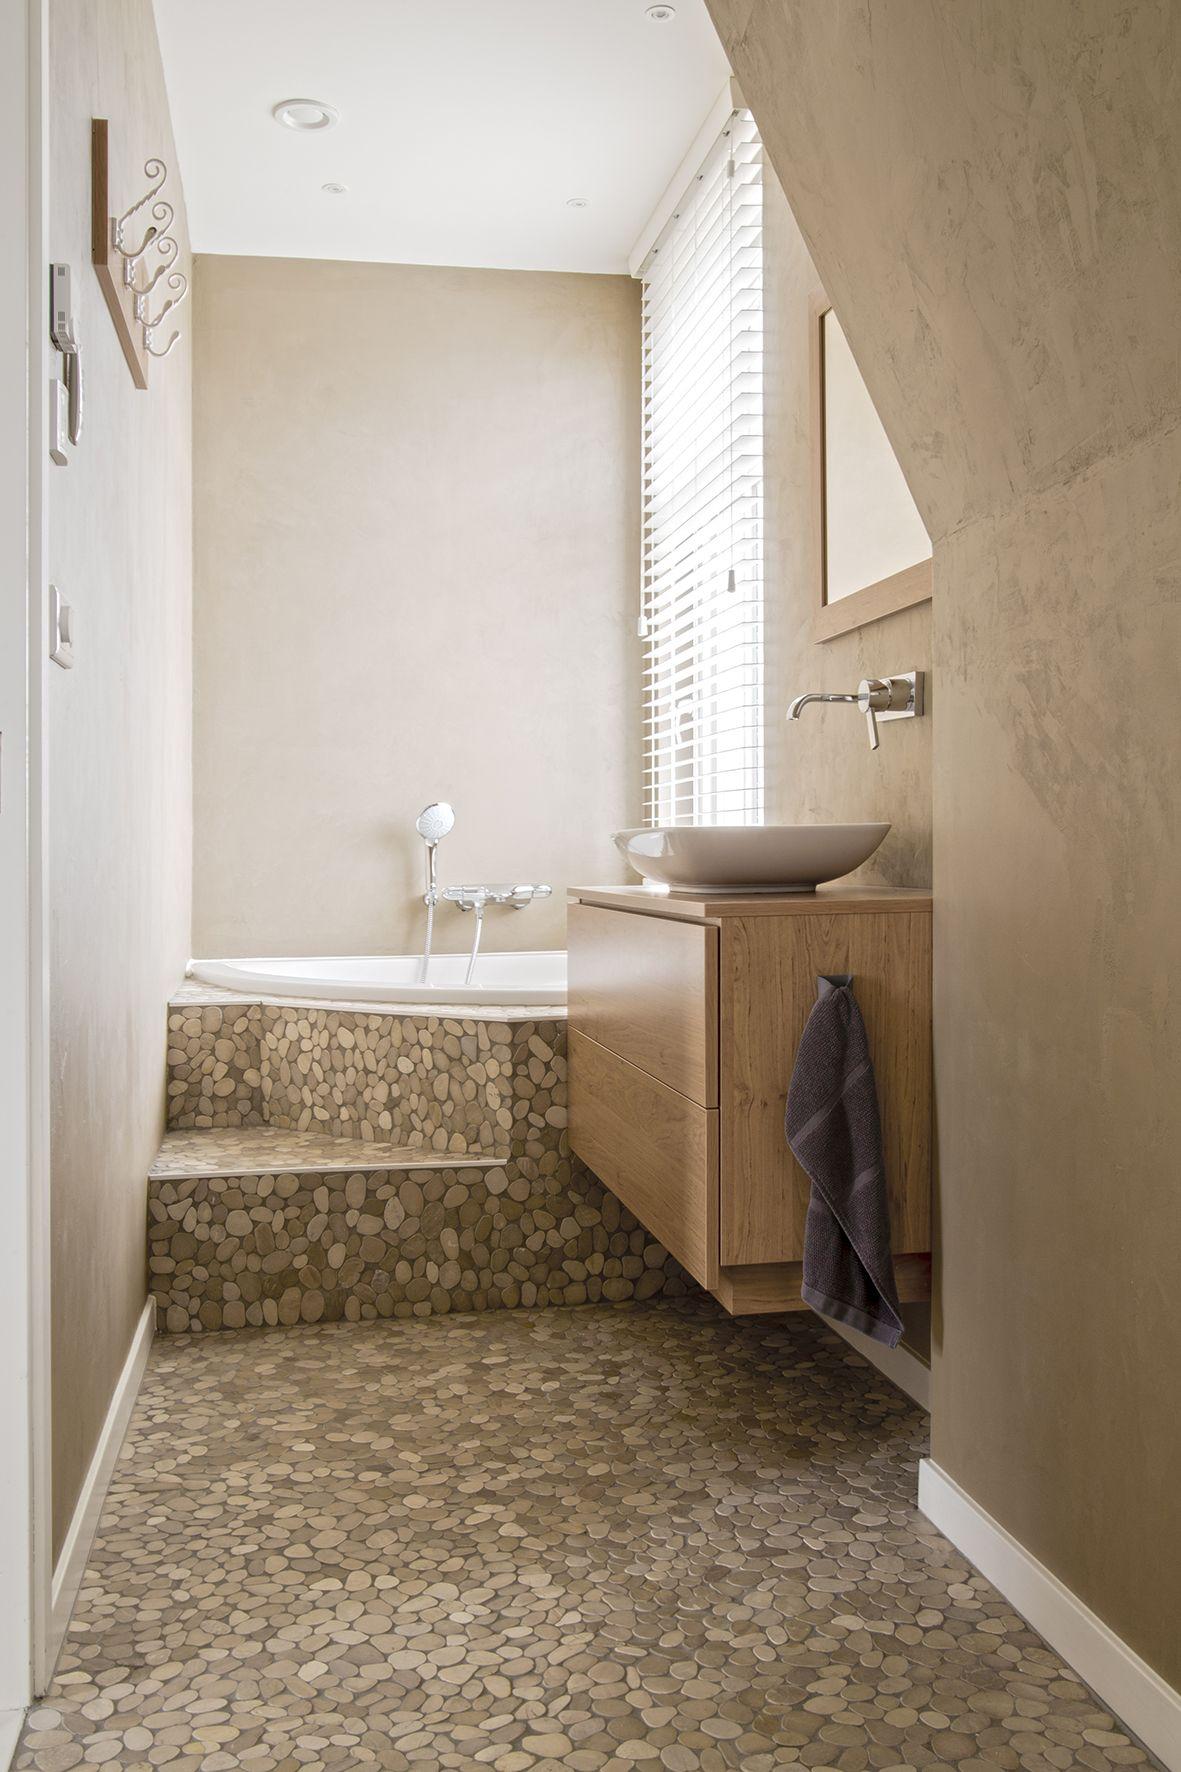 Badezimmer eitelkeiten mit schränken auf der seite pin von melanie radtke auf badezimmer  pinterest  badezimmer und baden